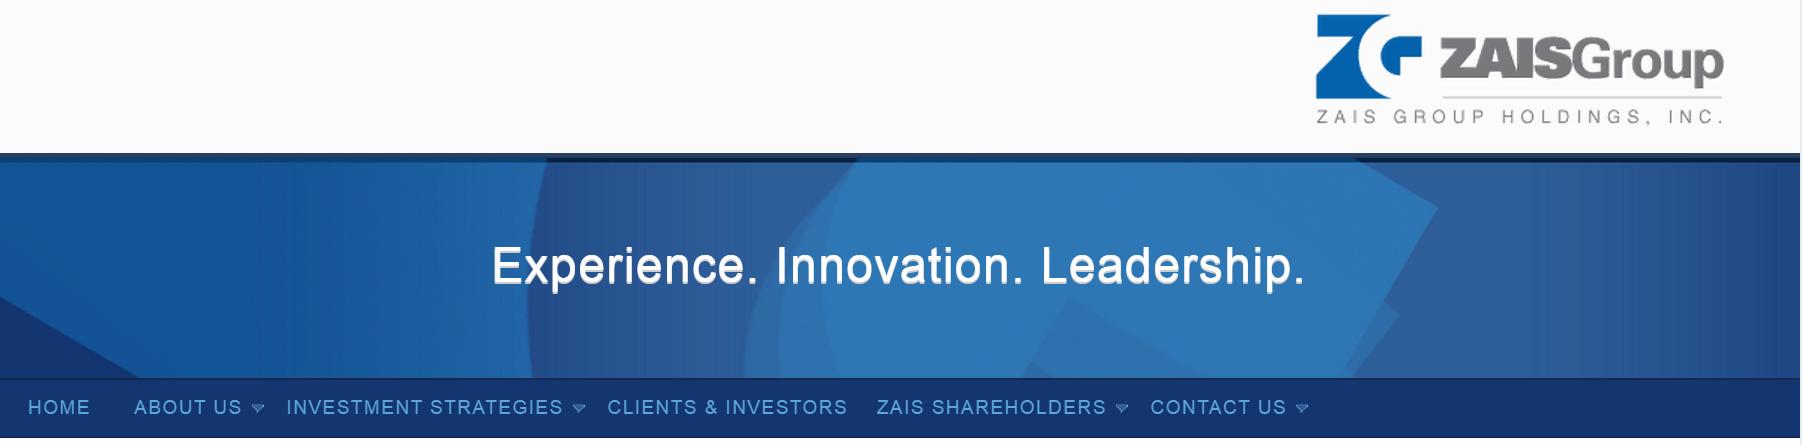 ZAIS Group